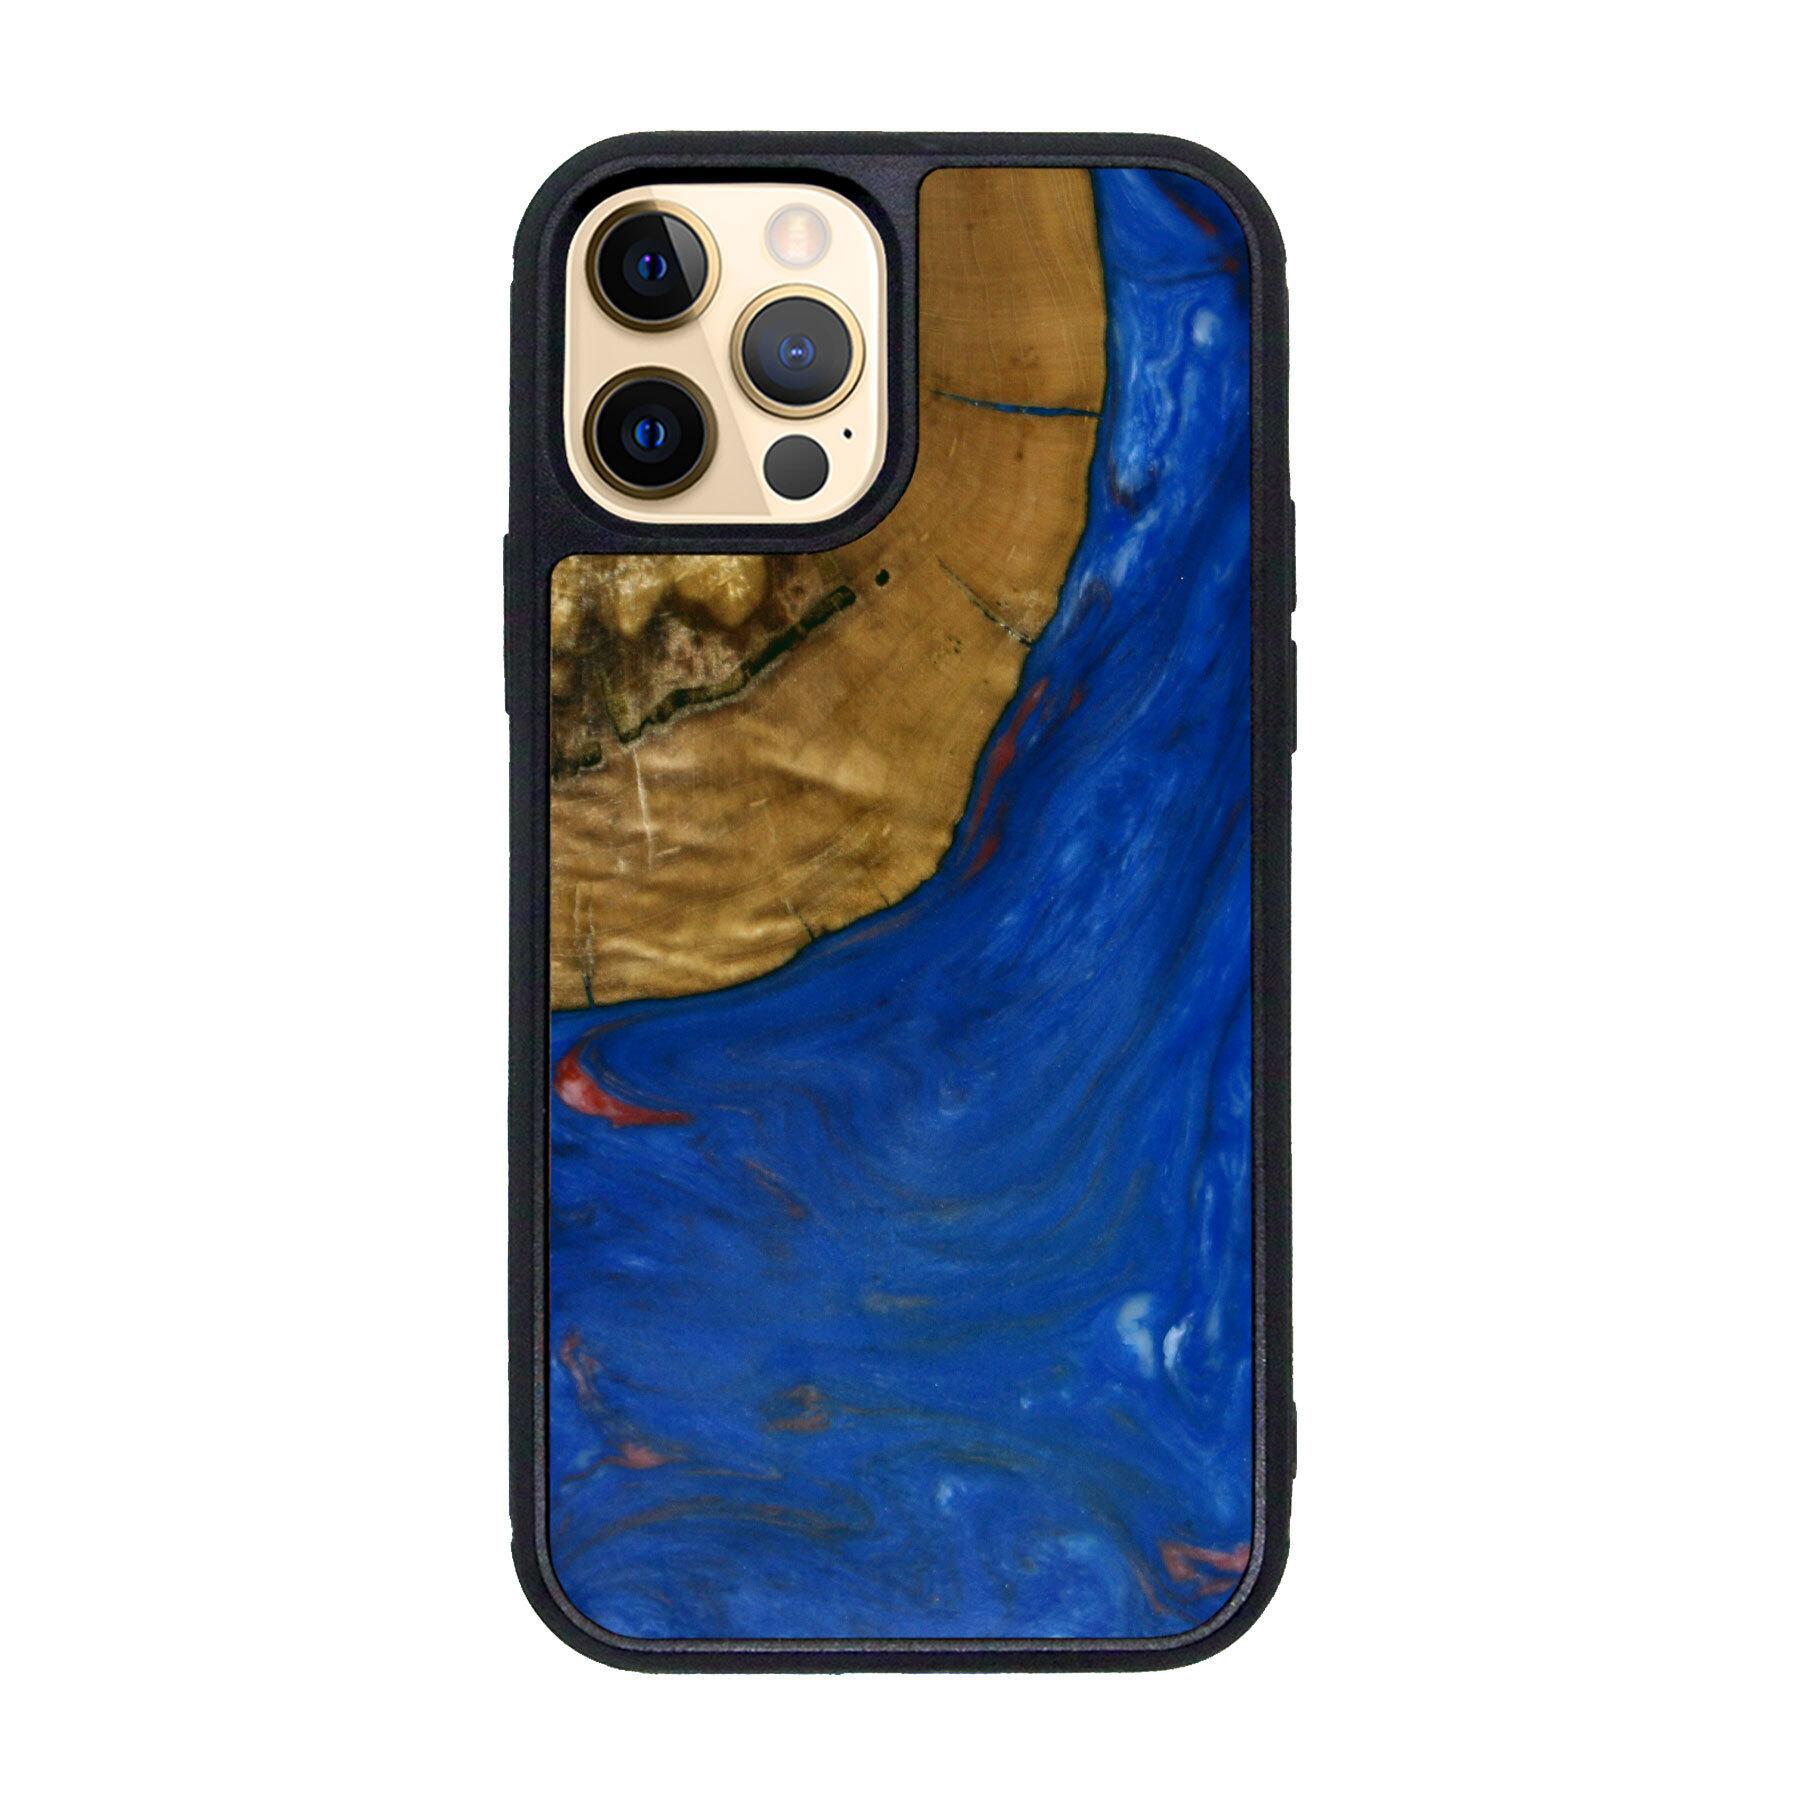 iPhone 12 Phone Case